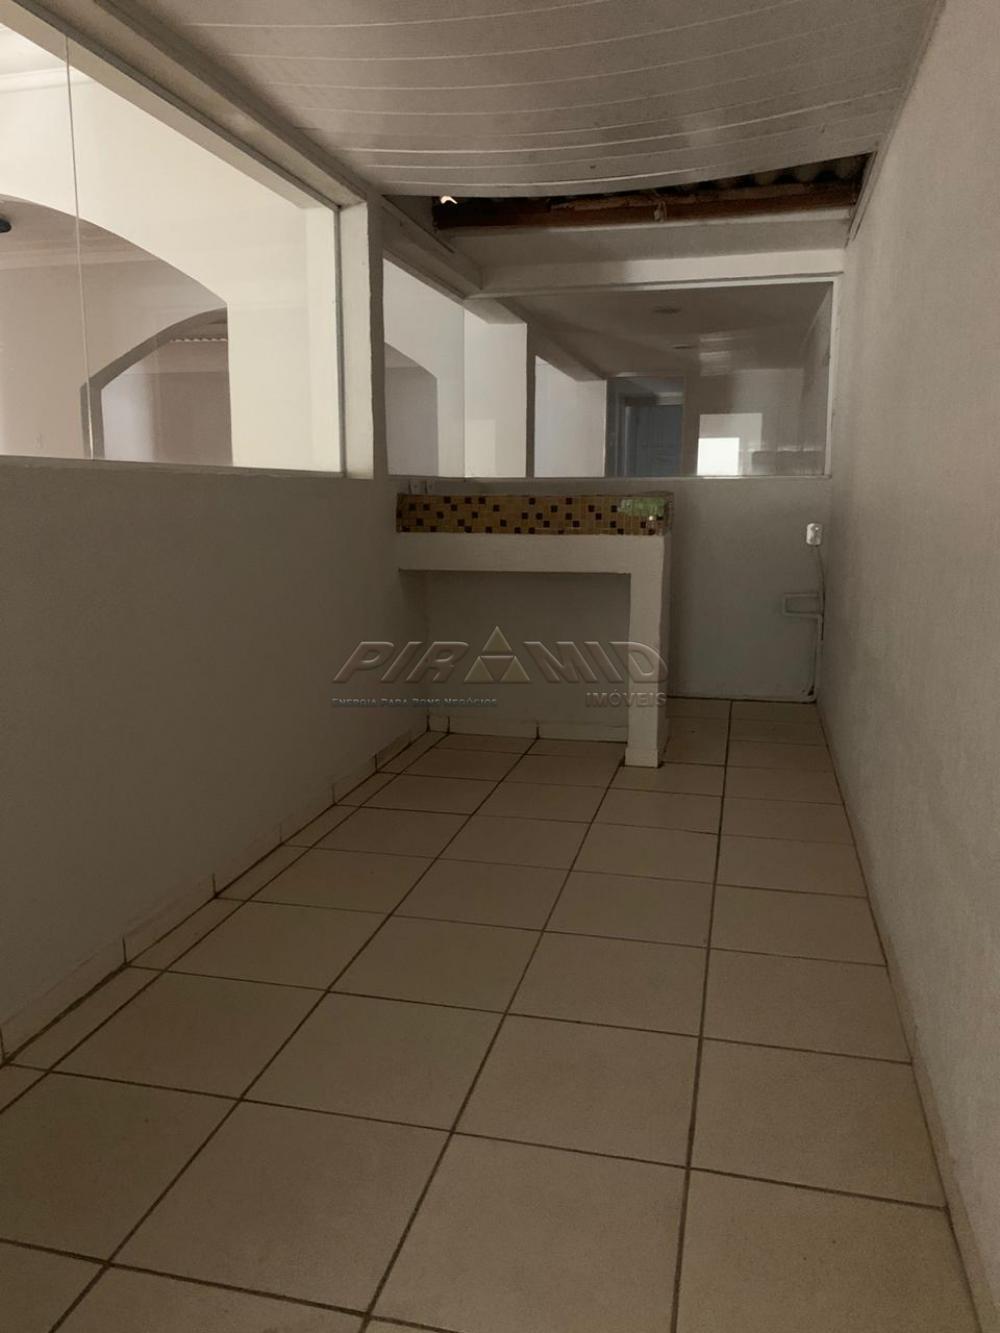 Alugar Comercial / Prédio em Ribeirão Preto apenas R$ 4.500,00 - Foto 15